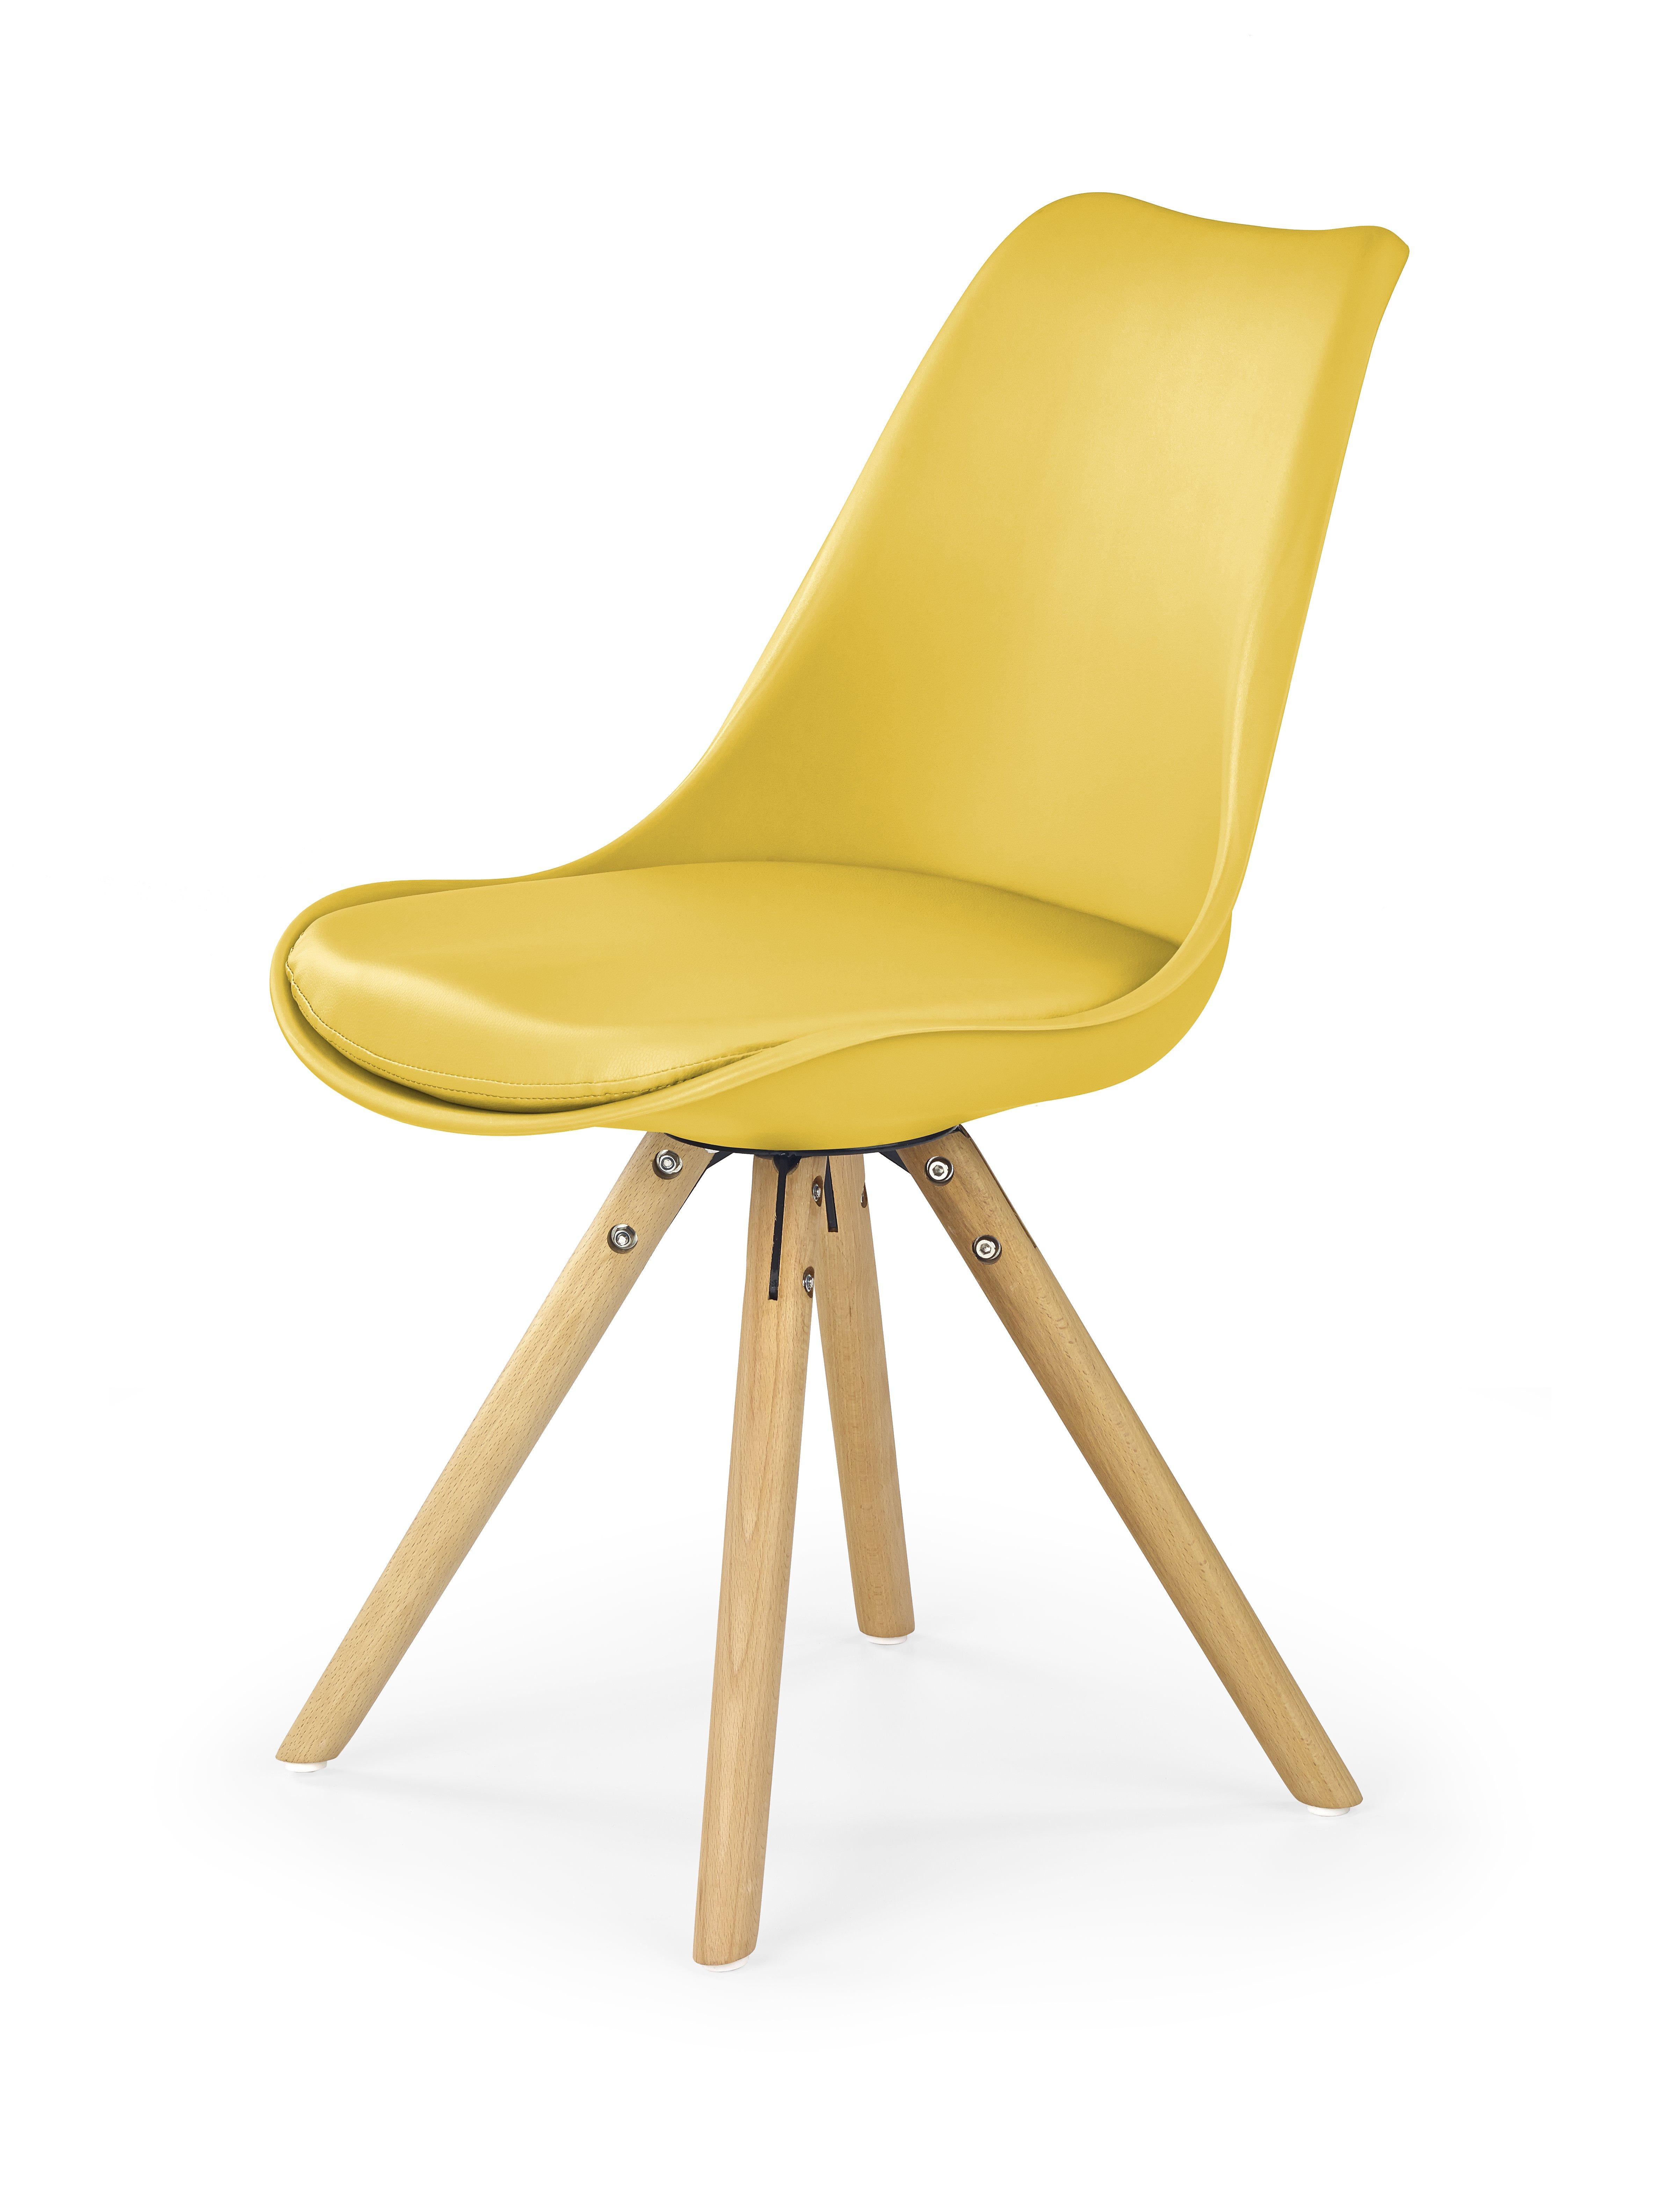 Jídelní židle - Halmar - Aker (žlutá)